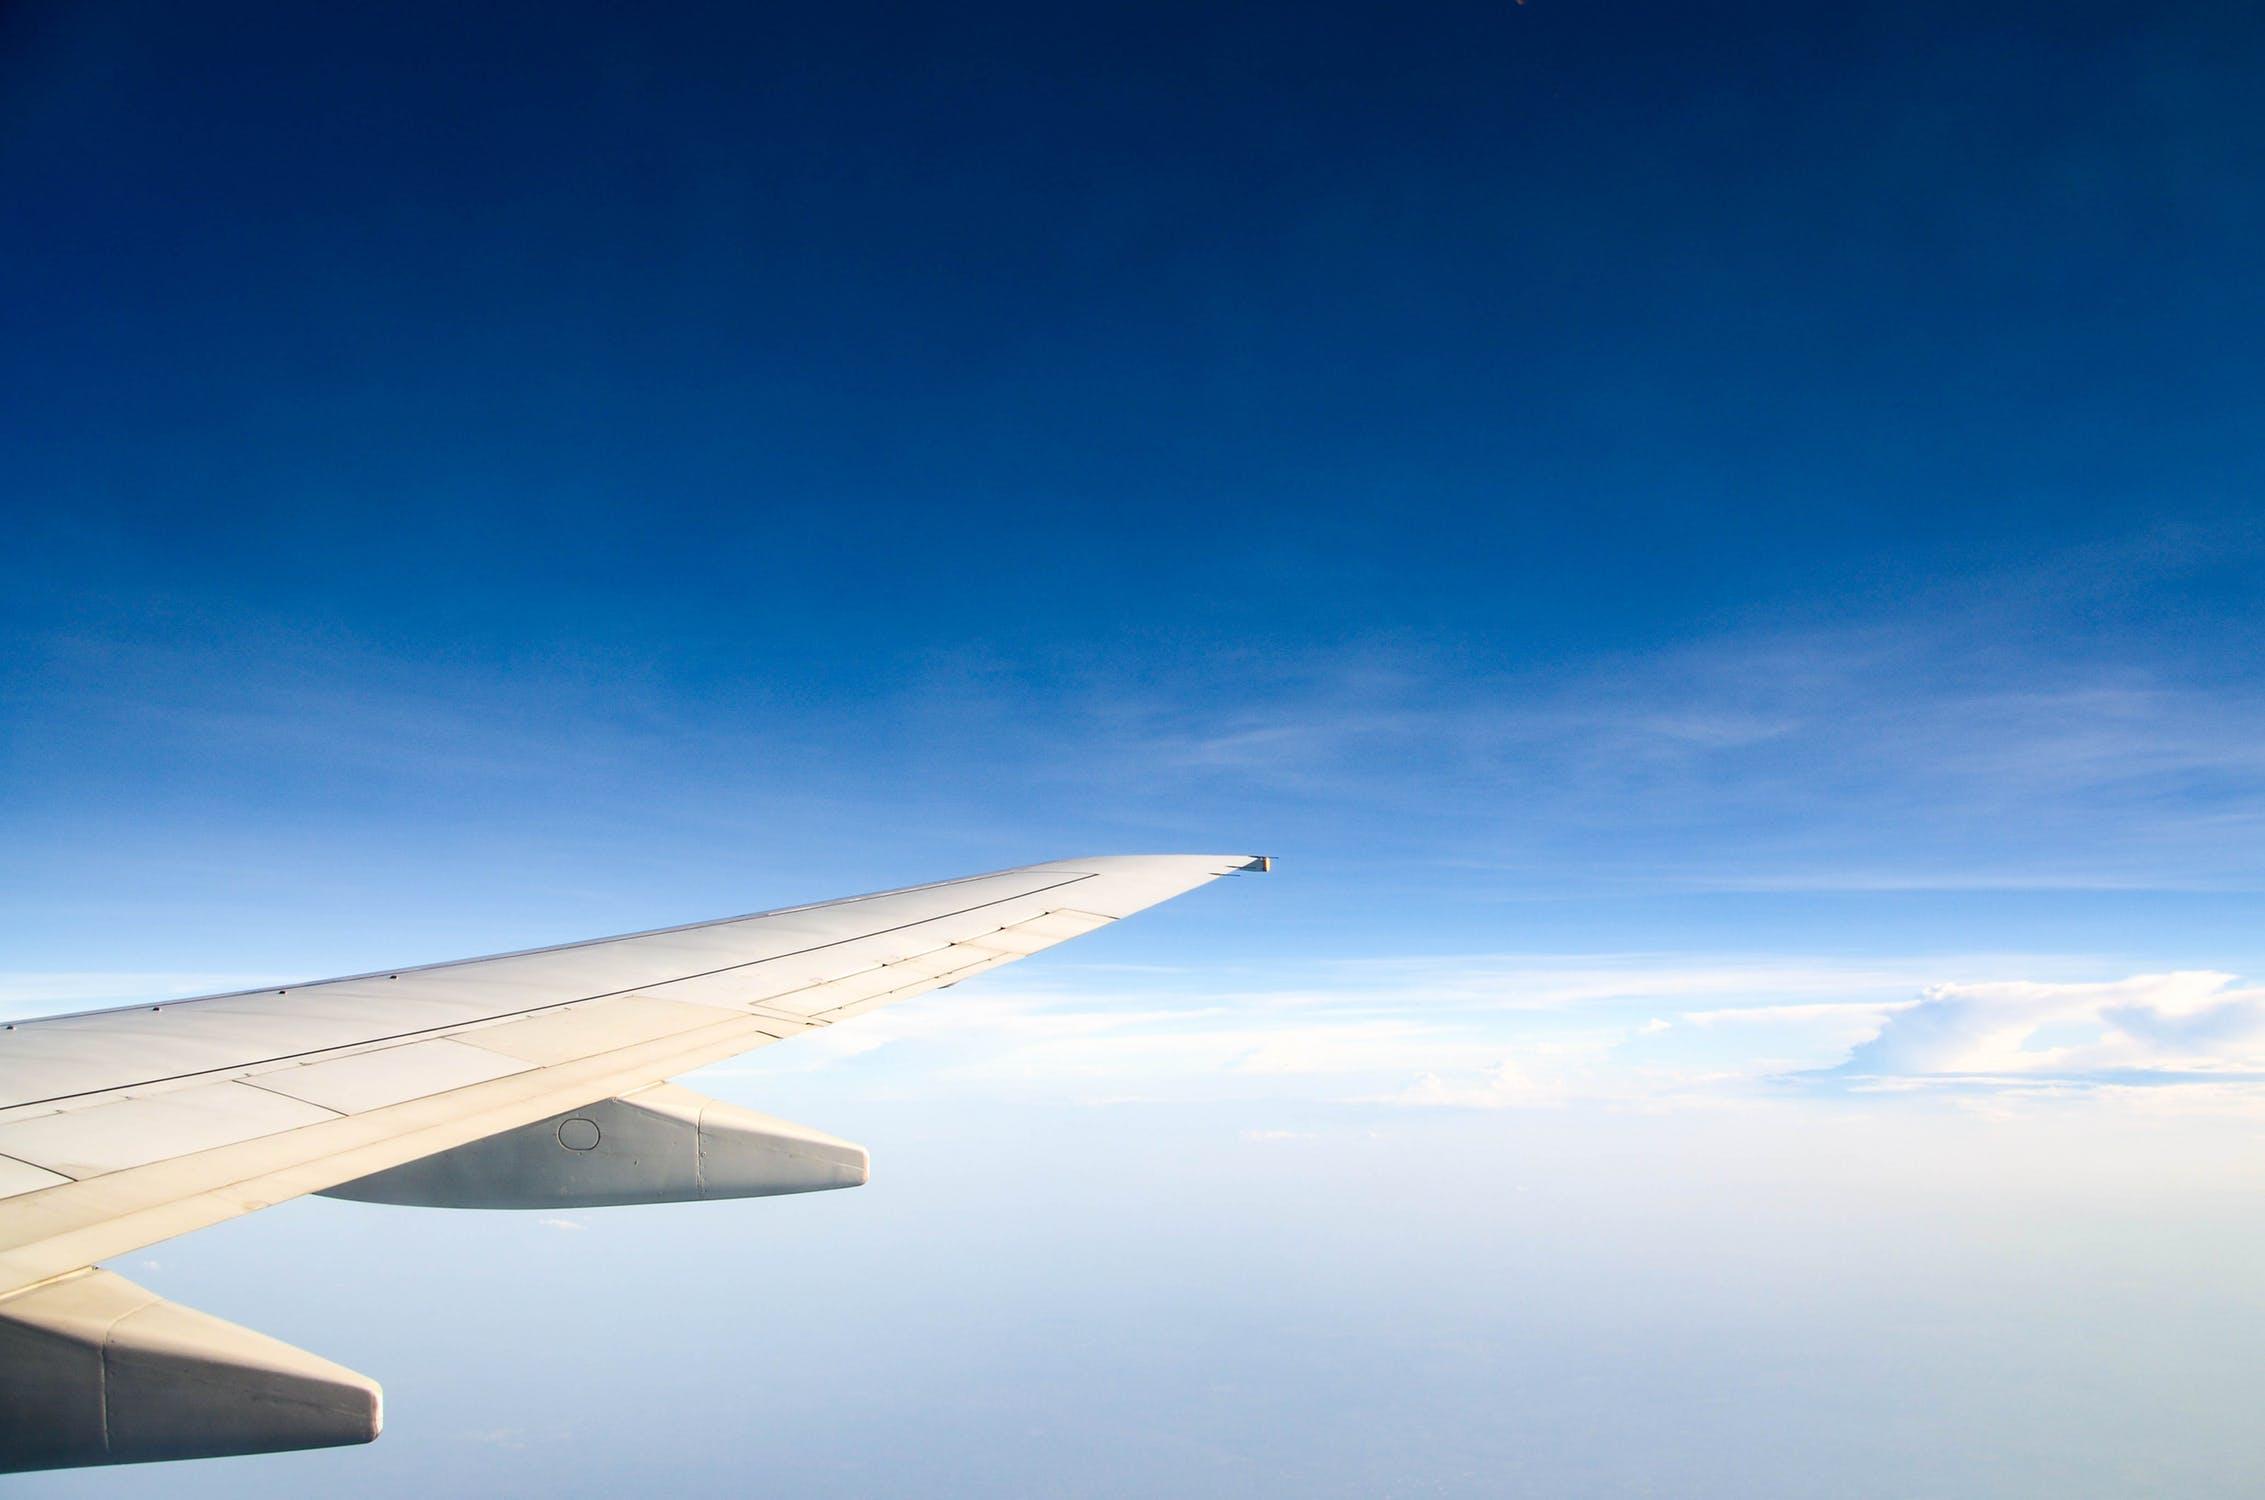 Recent flight Deals to Bali